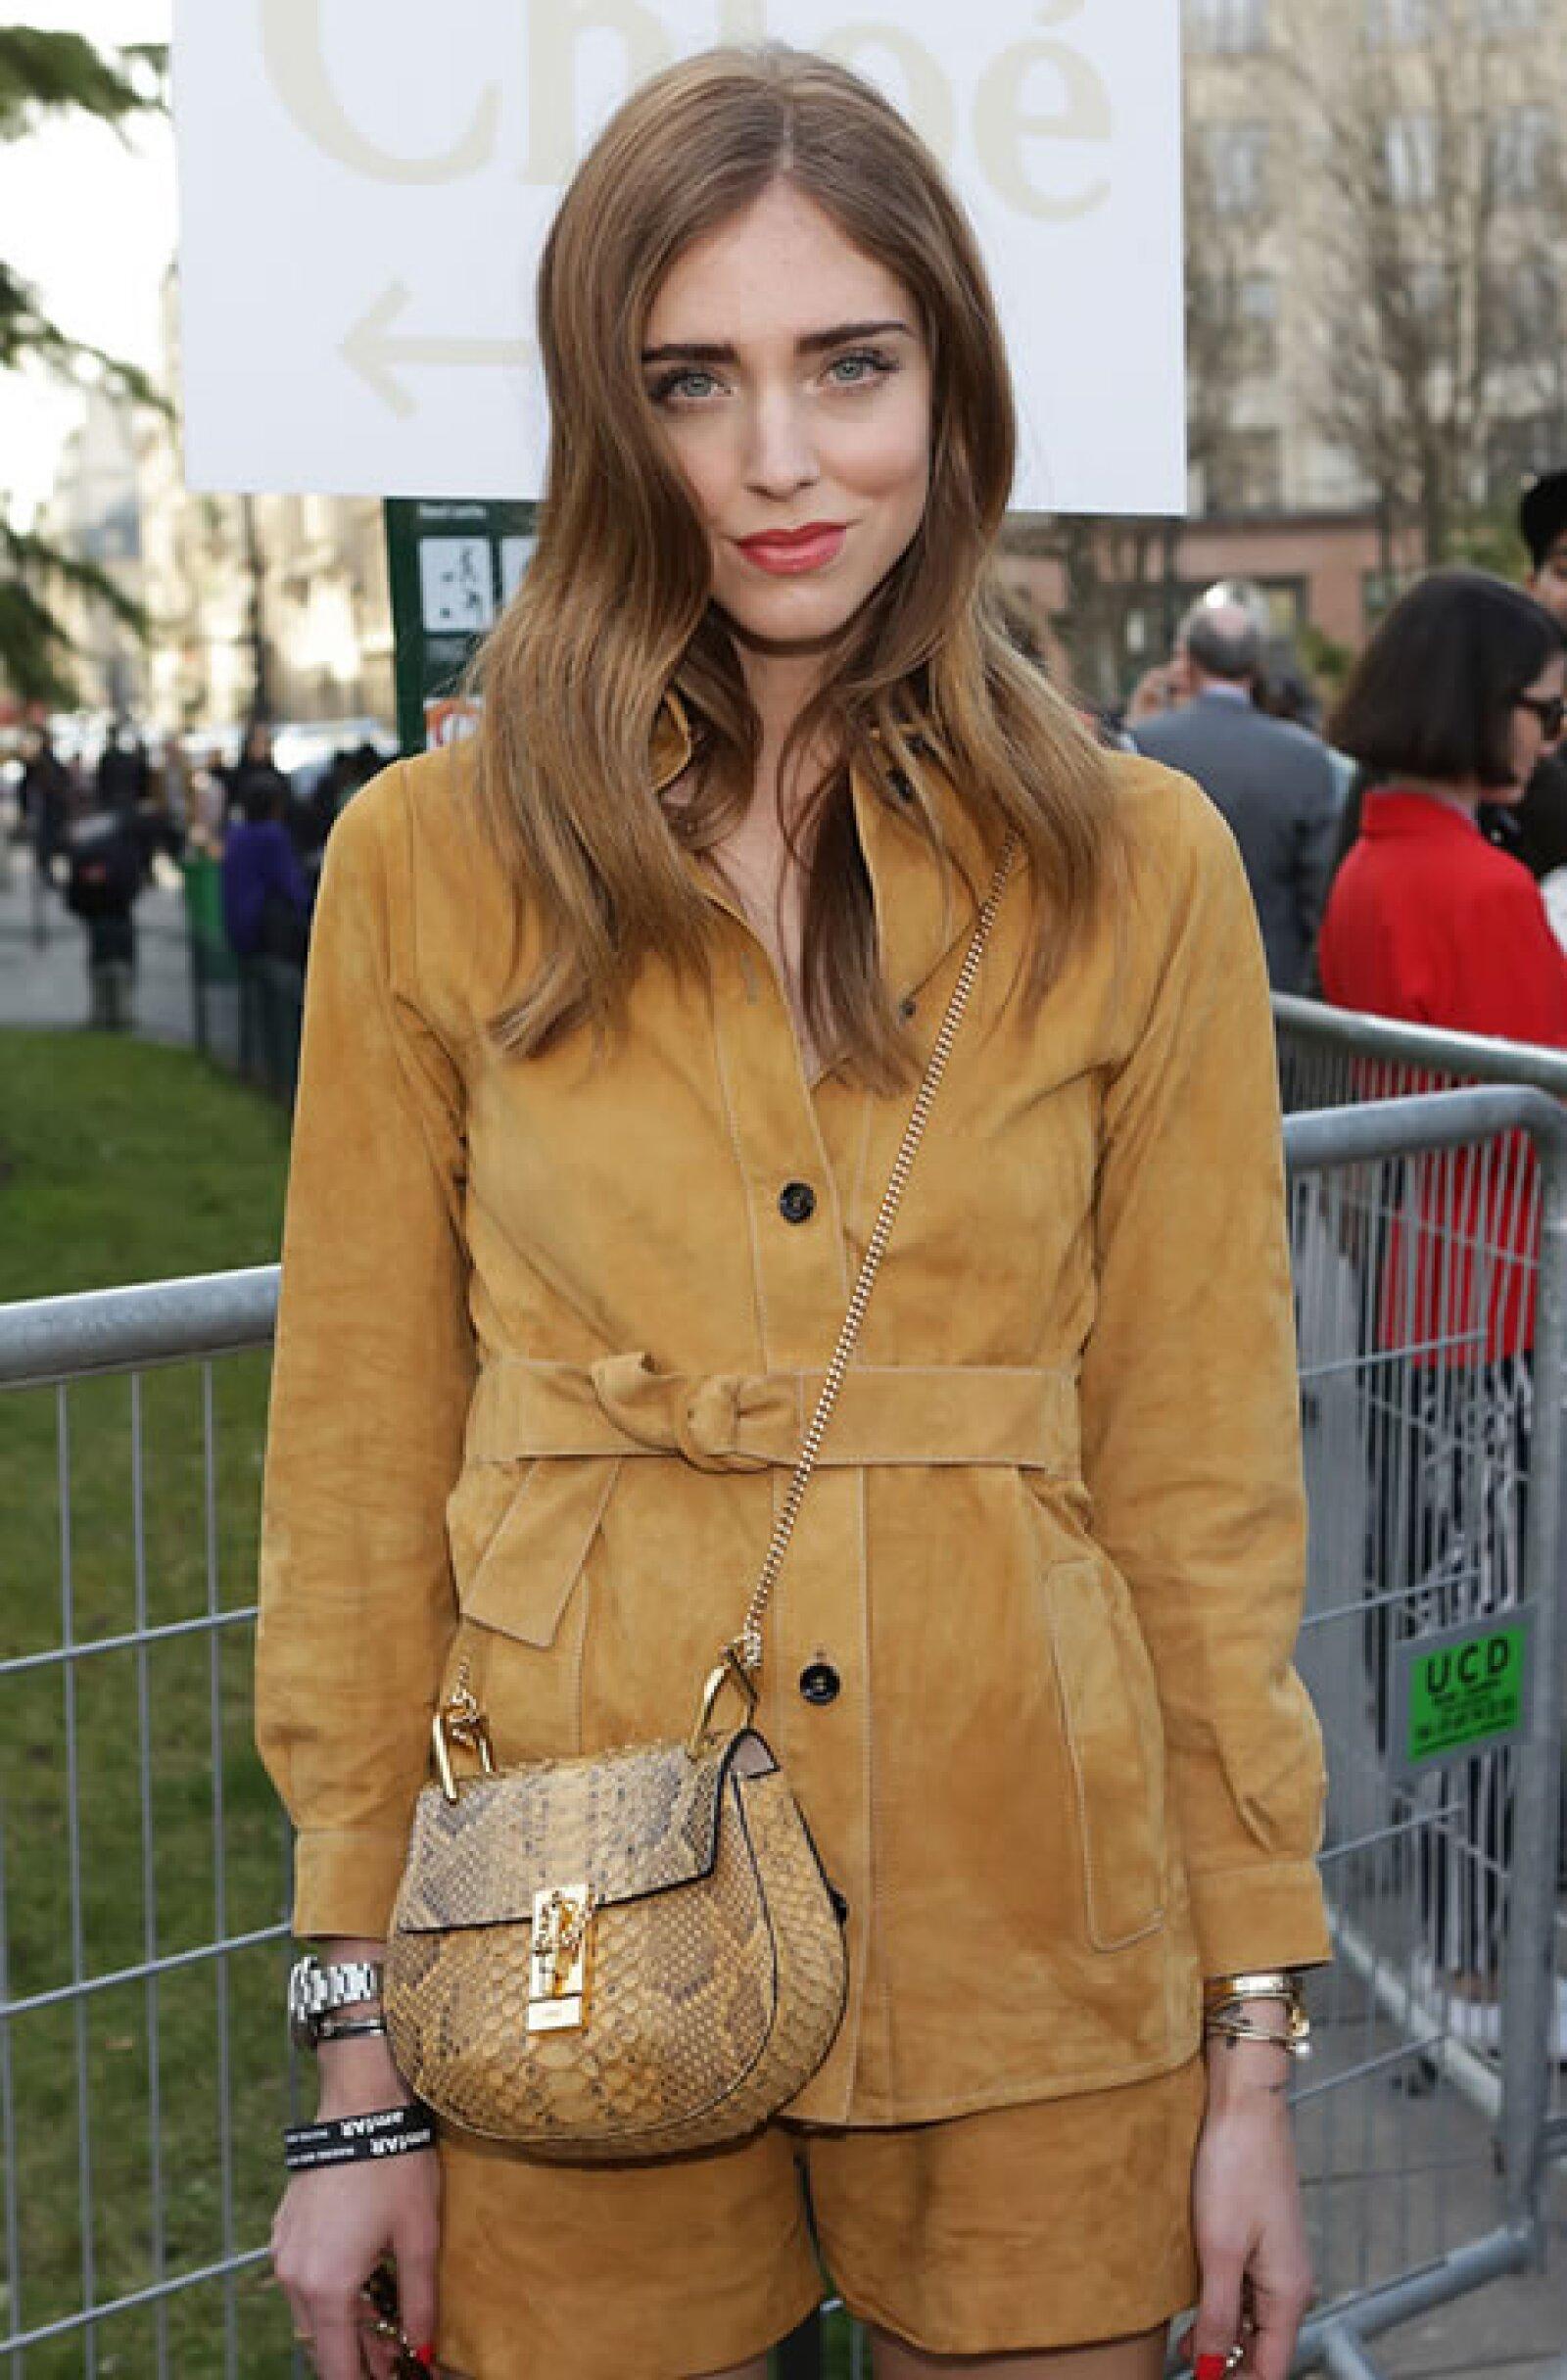 La blogger Chiara Ferragni optó por una de piel de víbora.